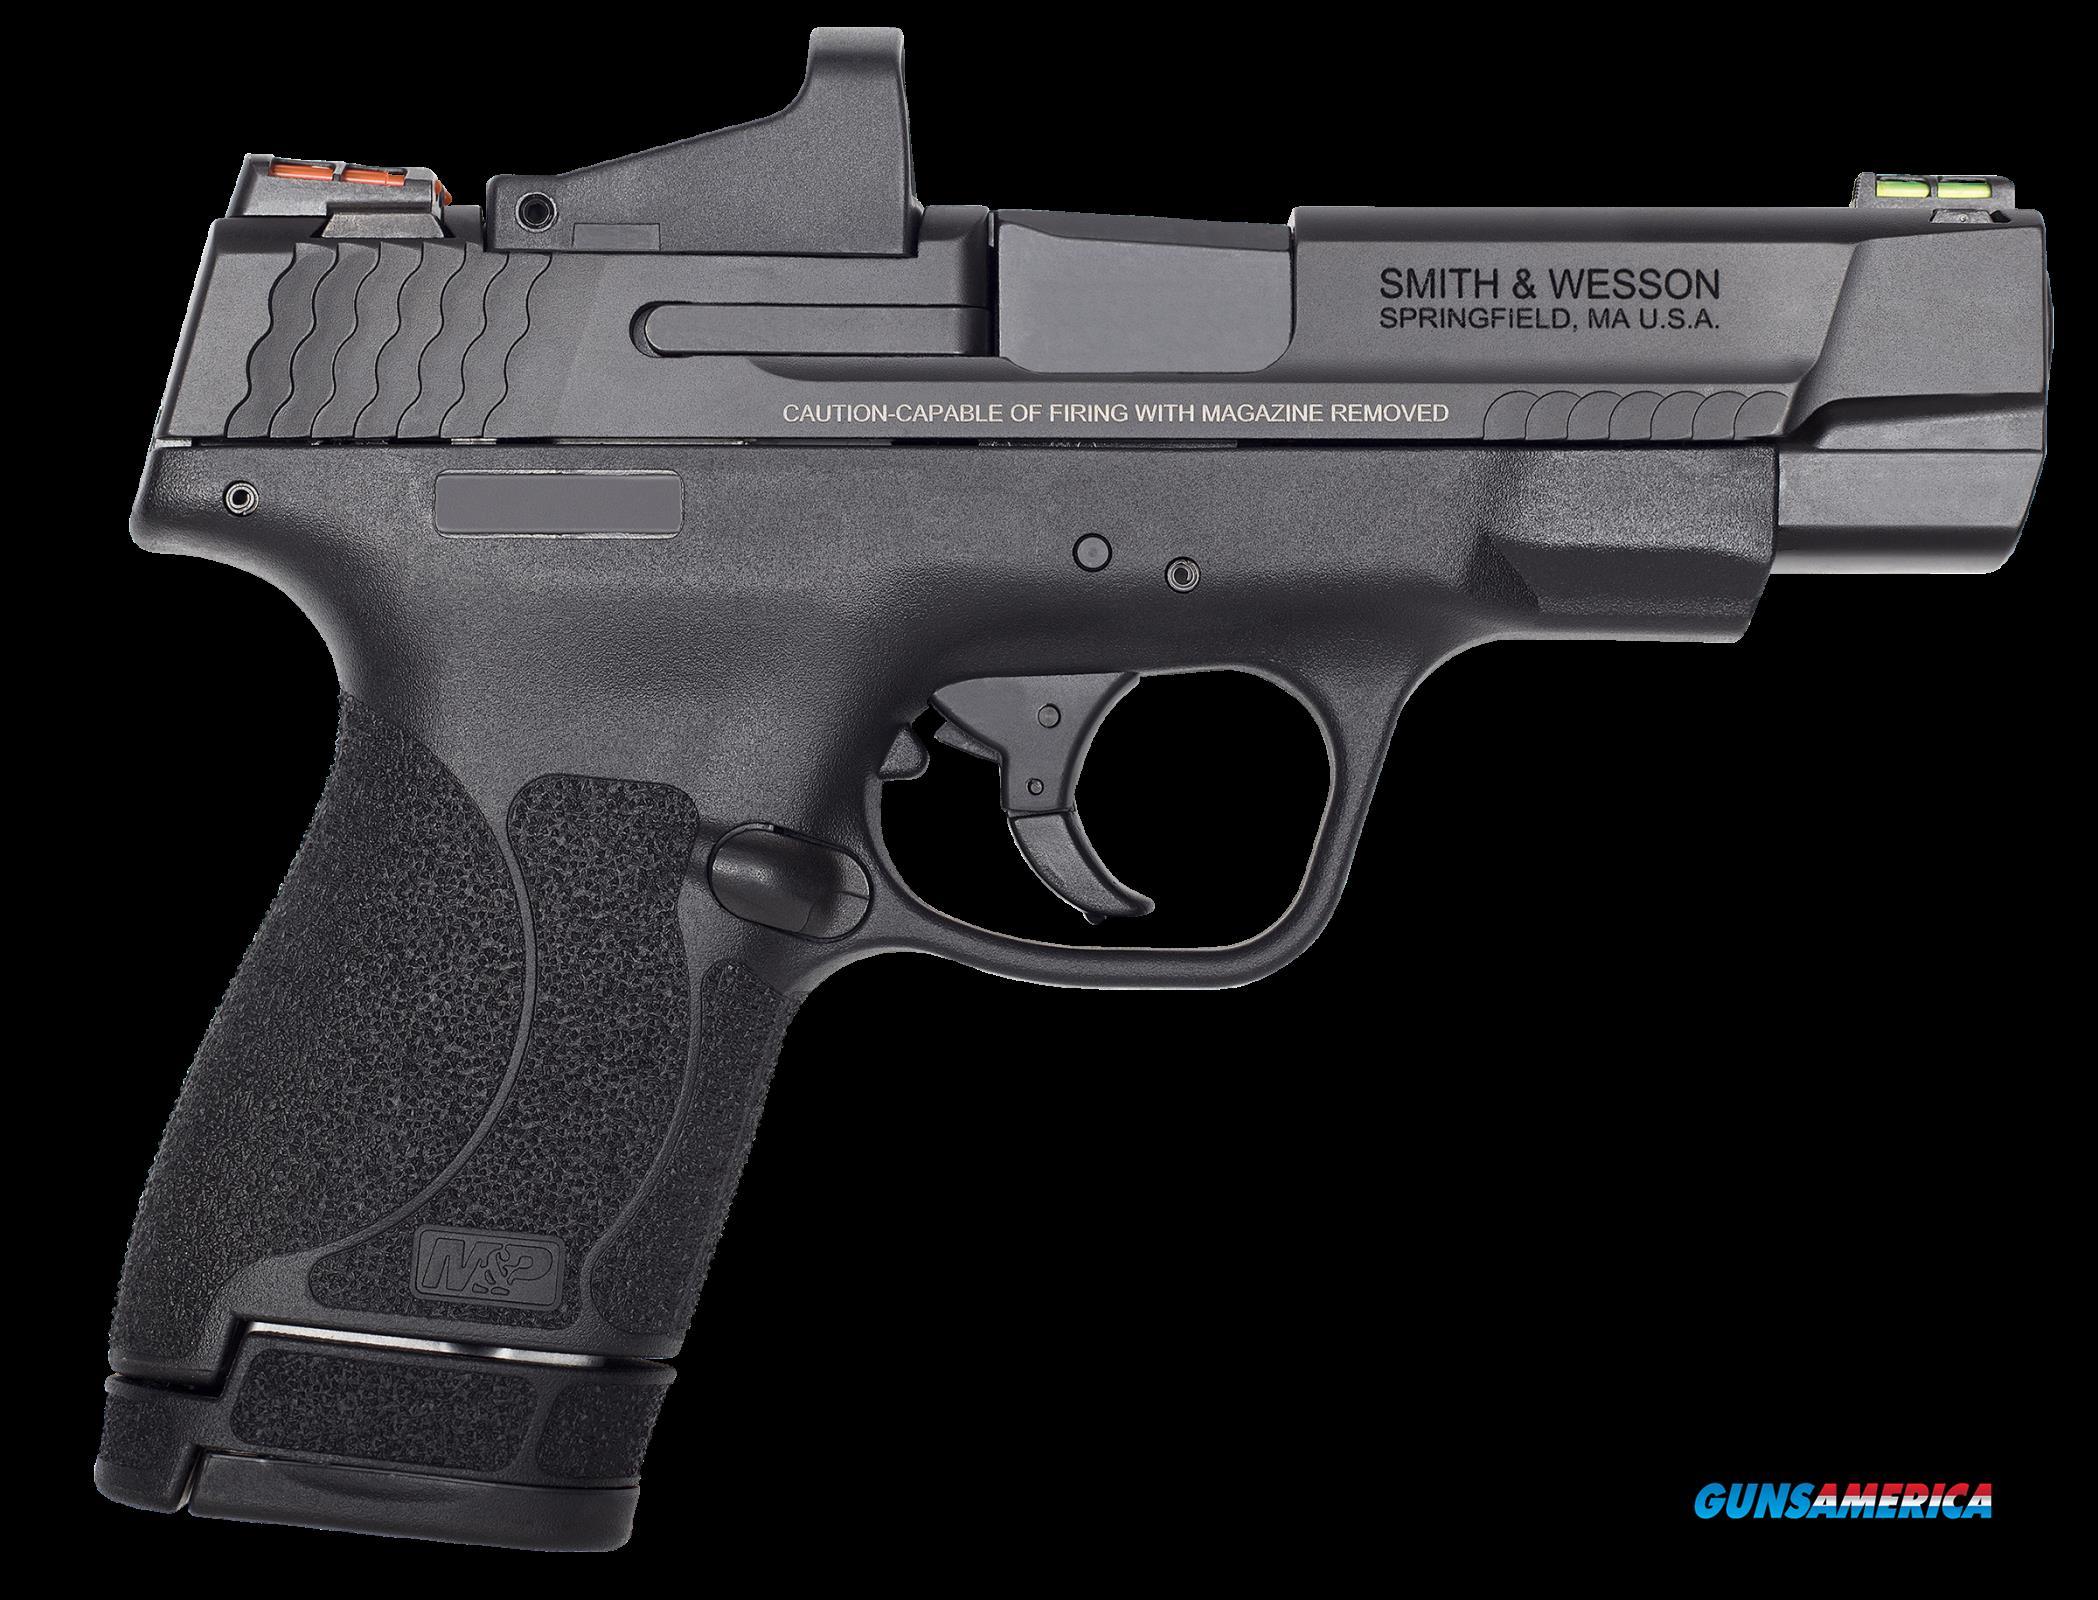 Smith & Wesson M&p 40, S&w M&p40shld  11797 Pfmc 40 2.0 4in Opt Rdy  7-6r  Guns > Pistols > 1911 Pistol Copies (non-Colt)